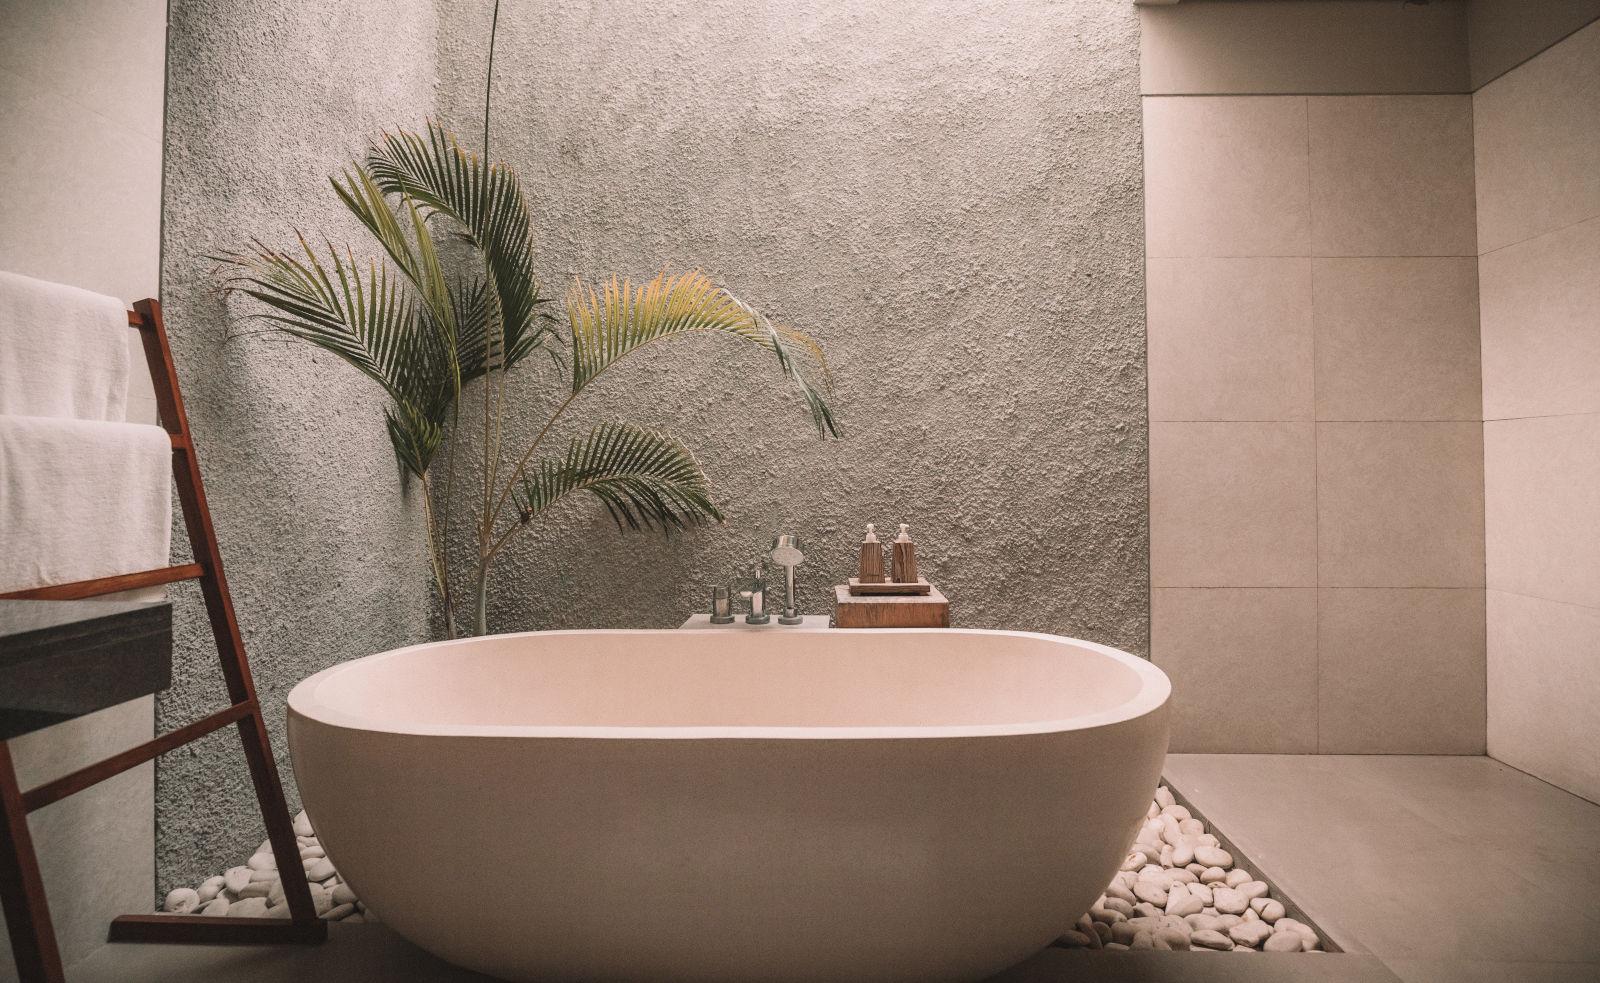 Emaille Badewanne Reinigen : vergilbte badewanne mit hausmittel reinigen so bekommst ~ Watch28wear.com Haus und Dekorationen